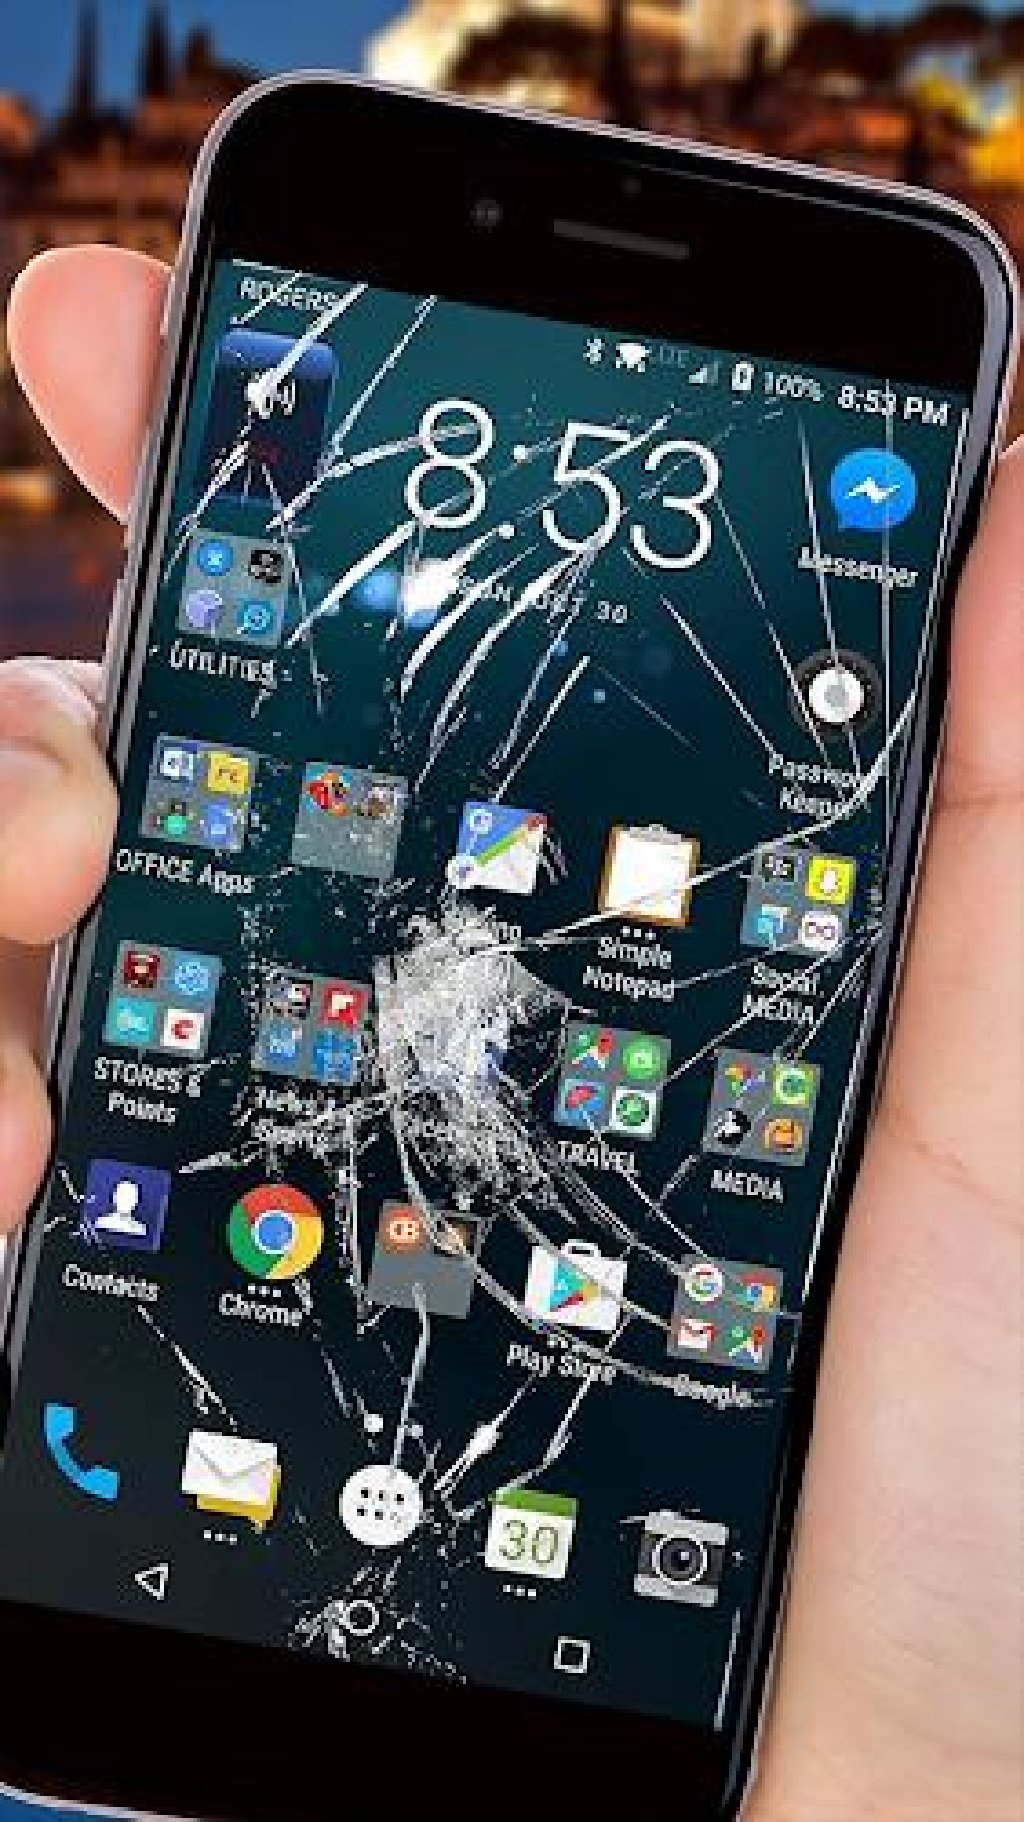 HTC - Novi Sad: Kupujem ostecen HTC mobilni telefon